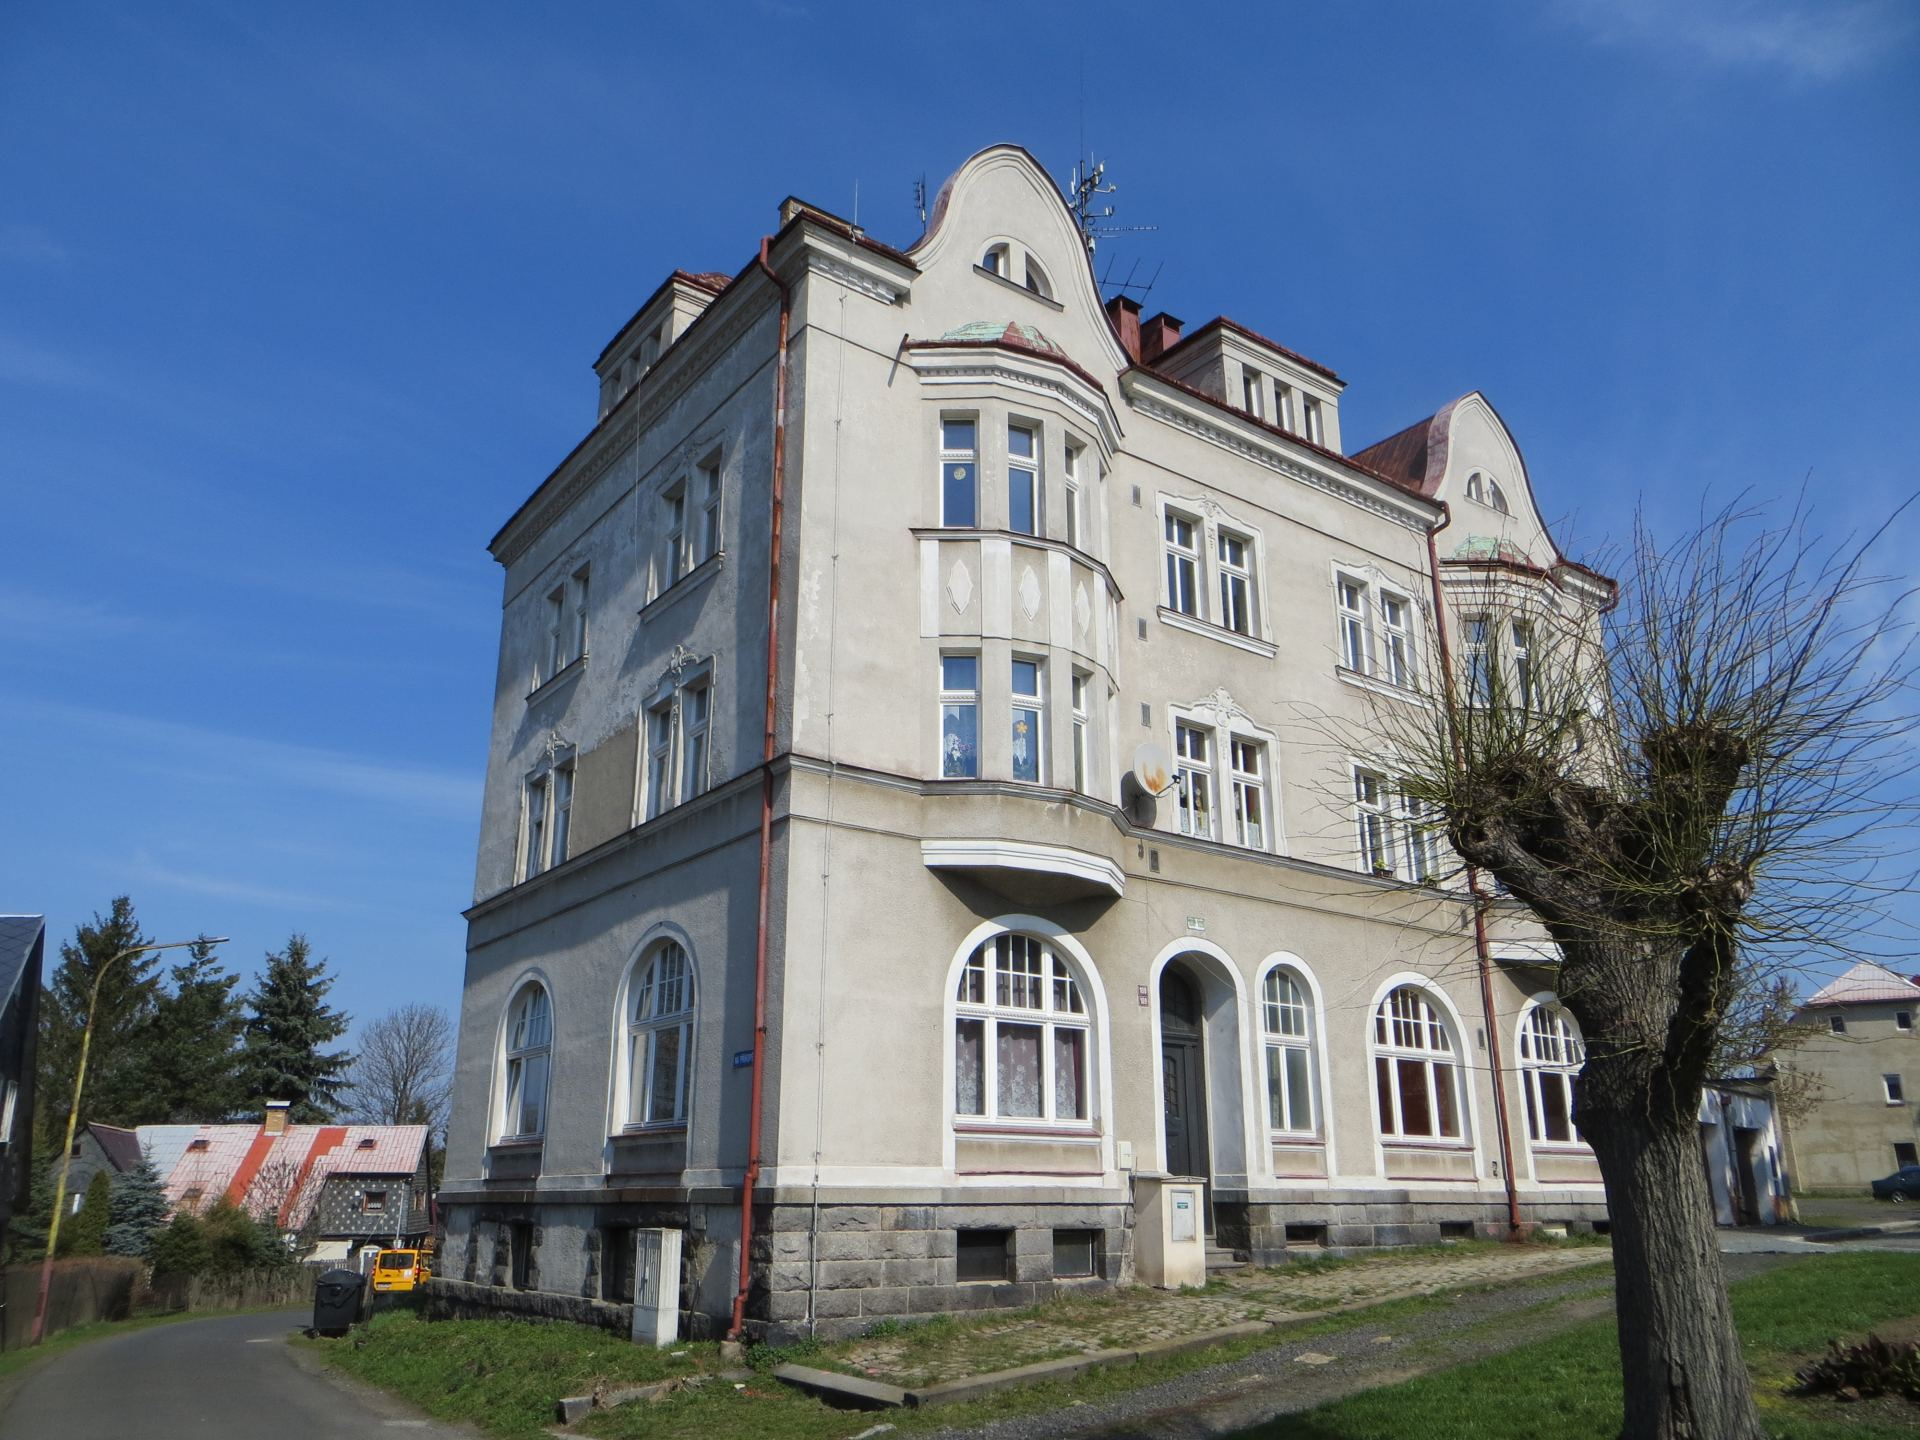 Město Šluknov nabízí k prodeji 2 bytové domy s průměrným stářím kolem 90 let, nacházející se v centru města